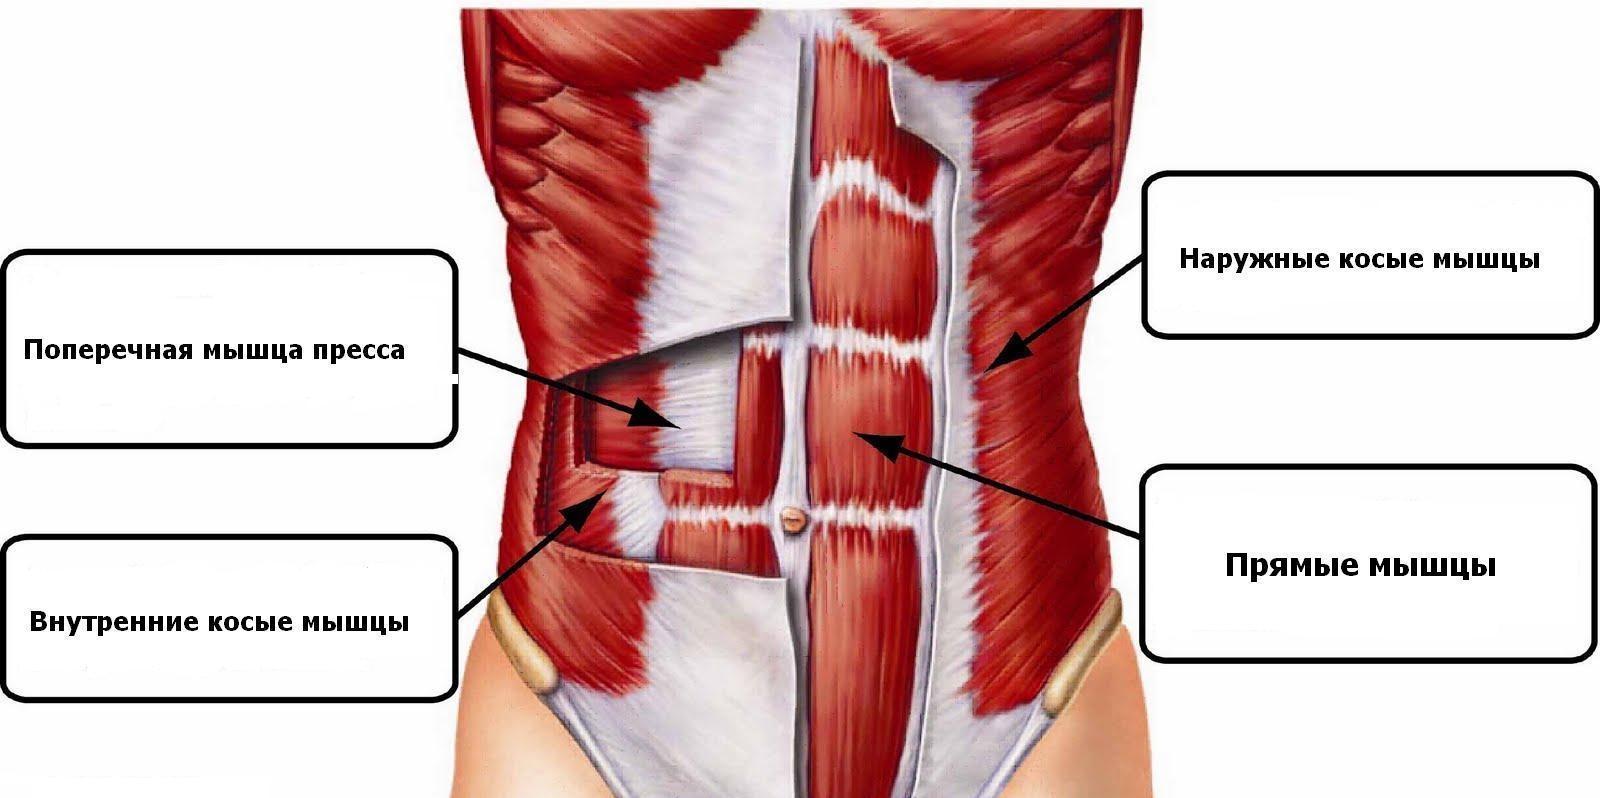 Анатомия мышц пресса: наружные косые, внутренние косые, поперечная мышца и прямые мышцы